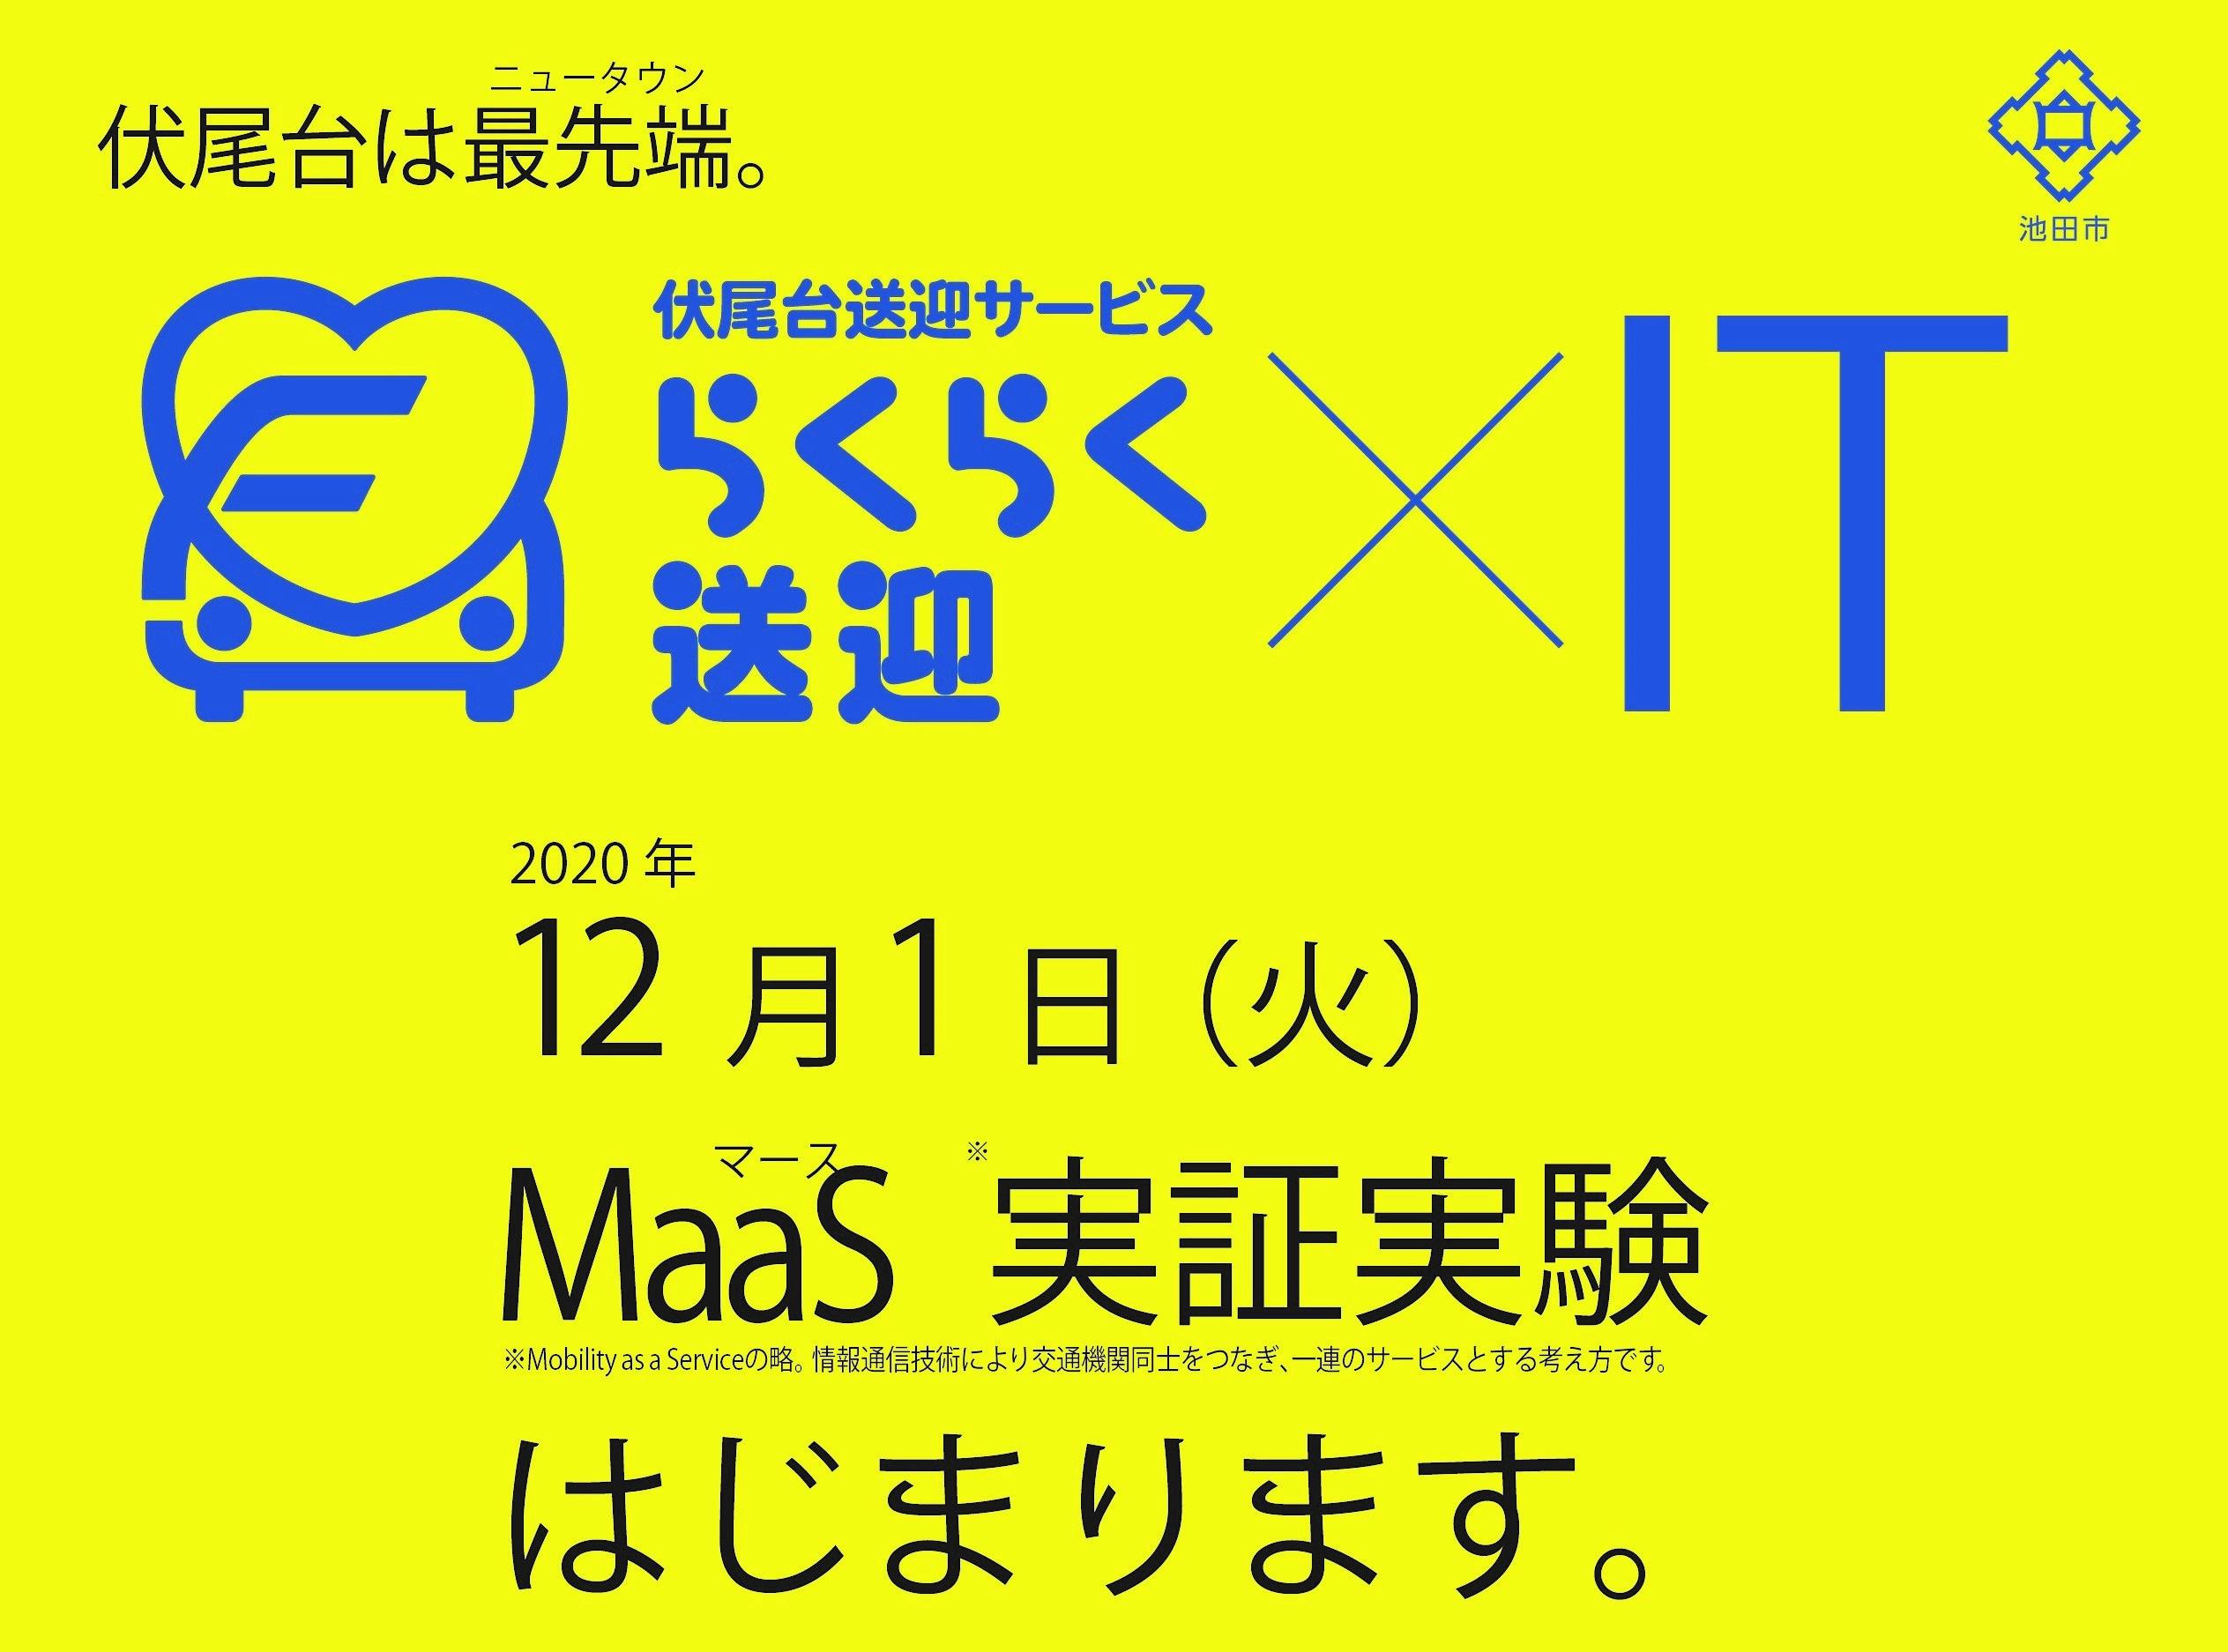 12月1日からMaaS実証実験を開始します(池田市伏尾台)【会員活動報告:池田市】